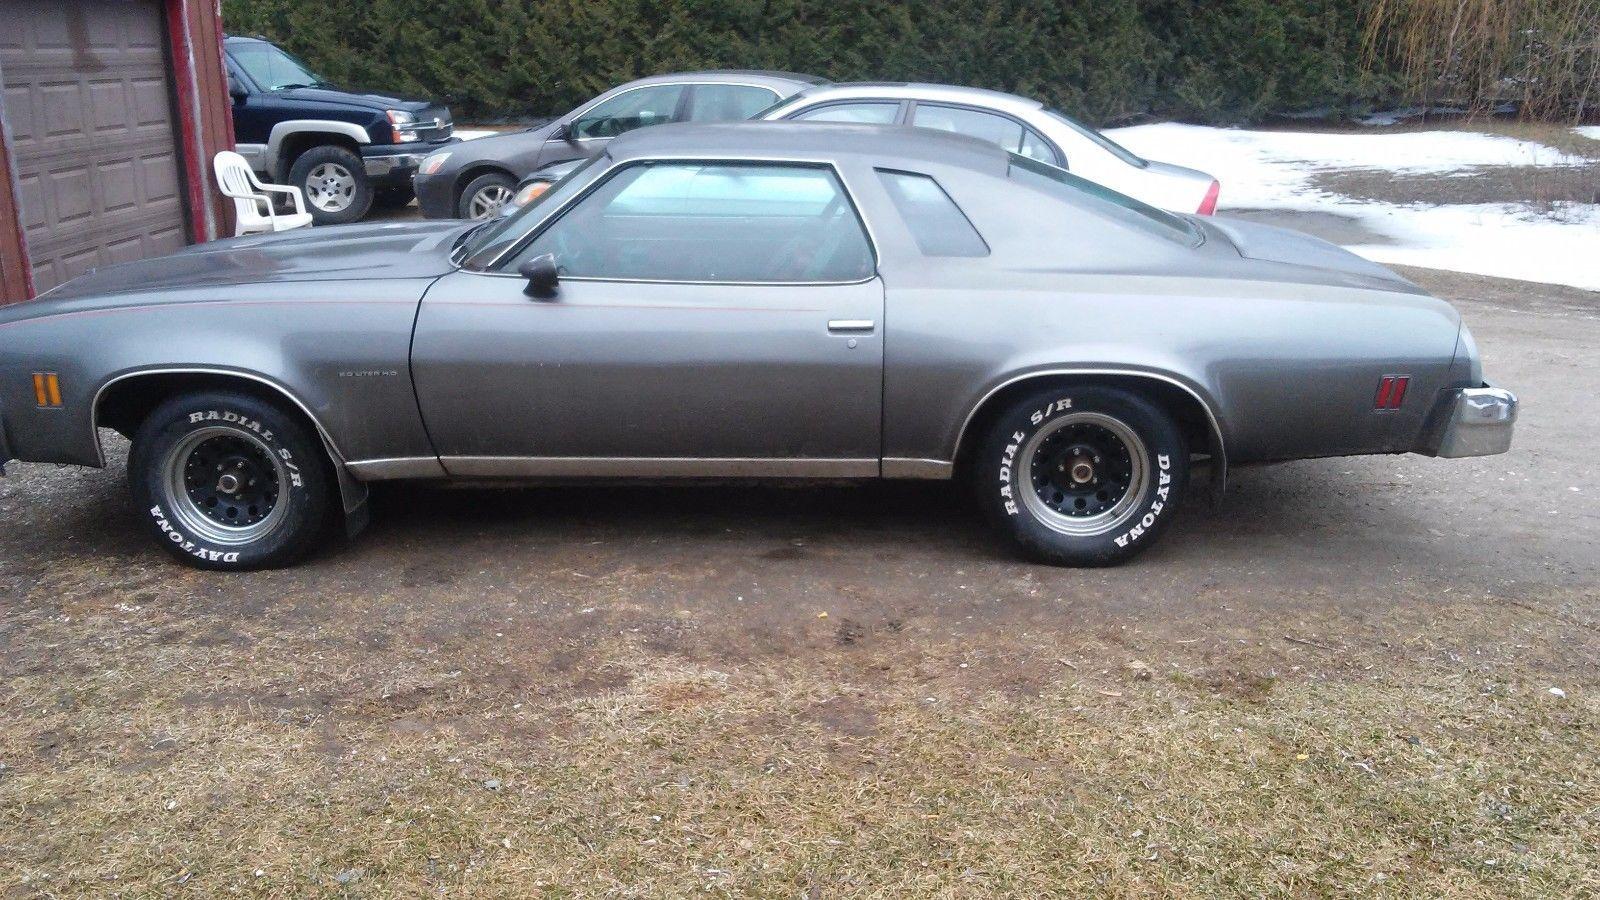 eBay: 1977 Chevrolet Malibu NASCAR! 1977 Chevy Malibu Classic! (Last ...